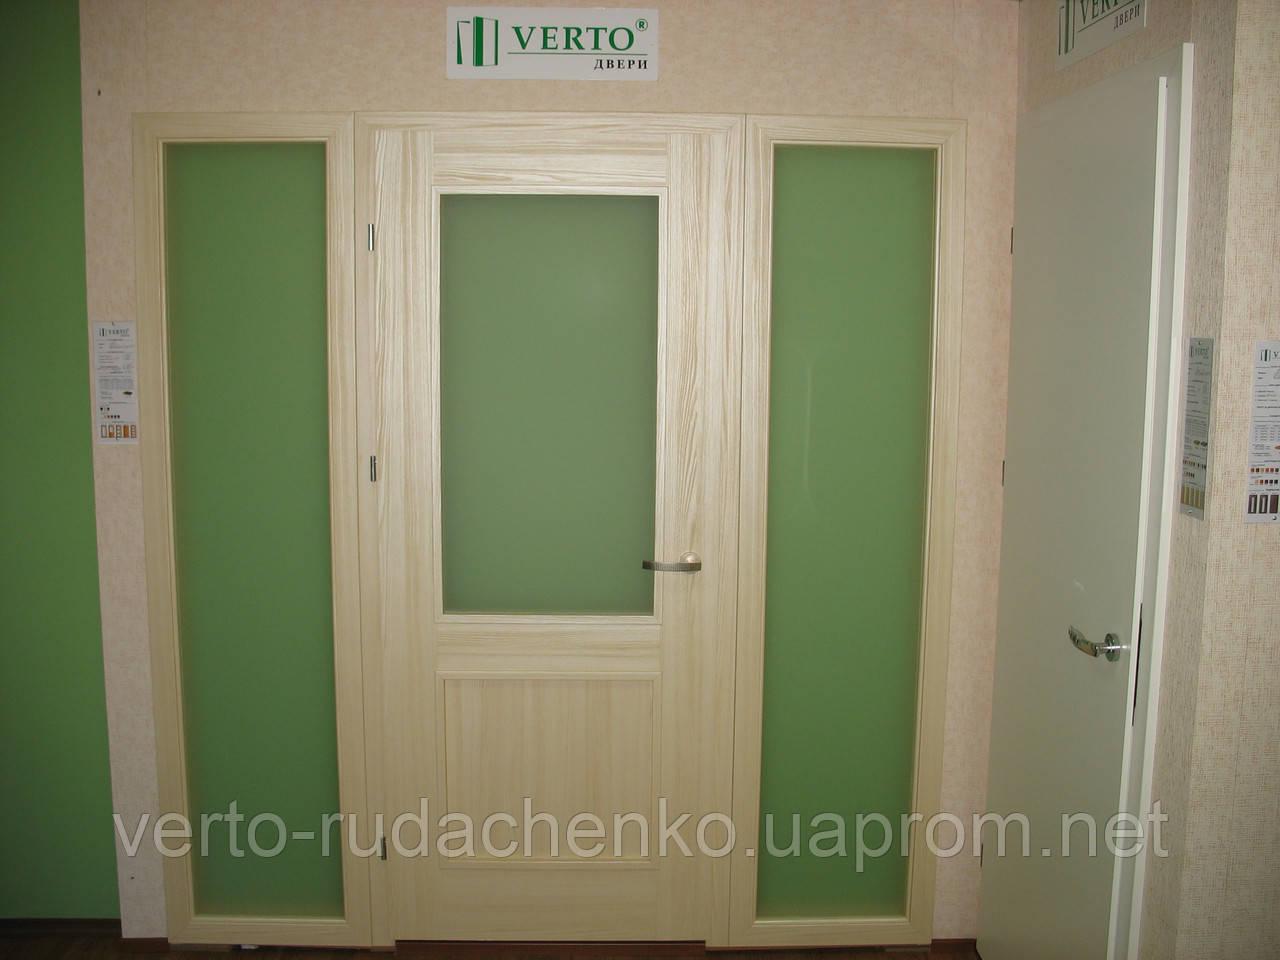 Фрамуга к дверям Verto в цвете ясень «Резист»